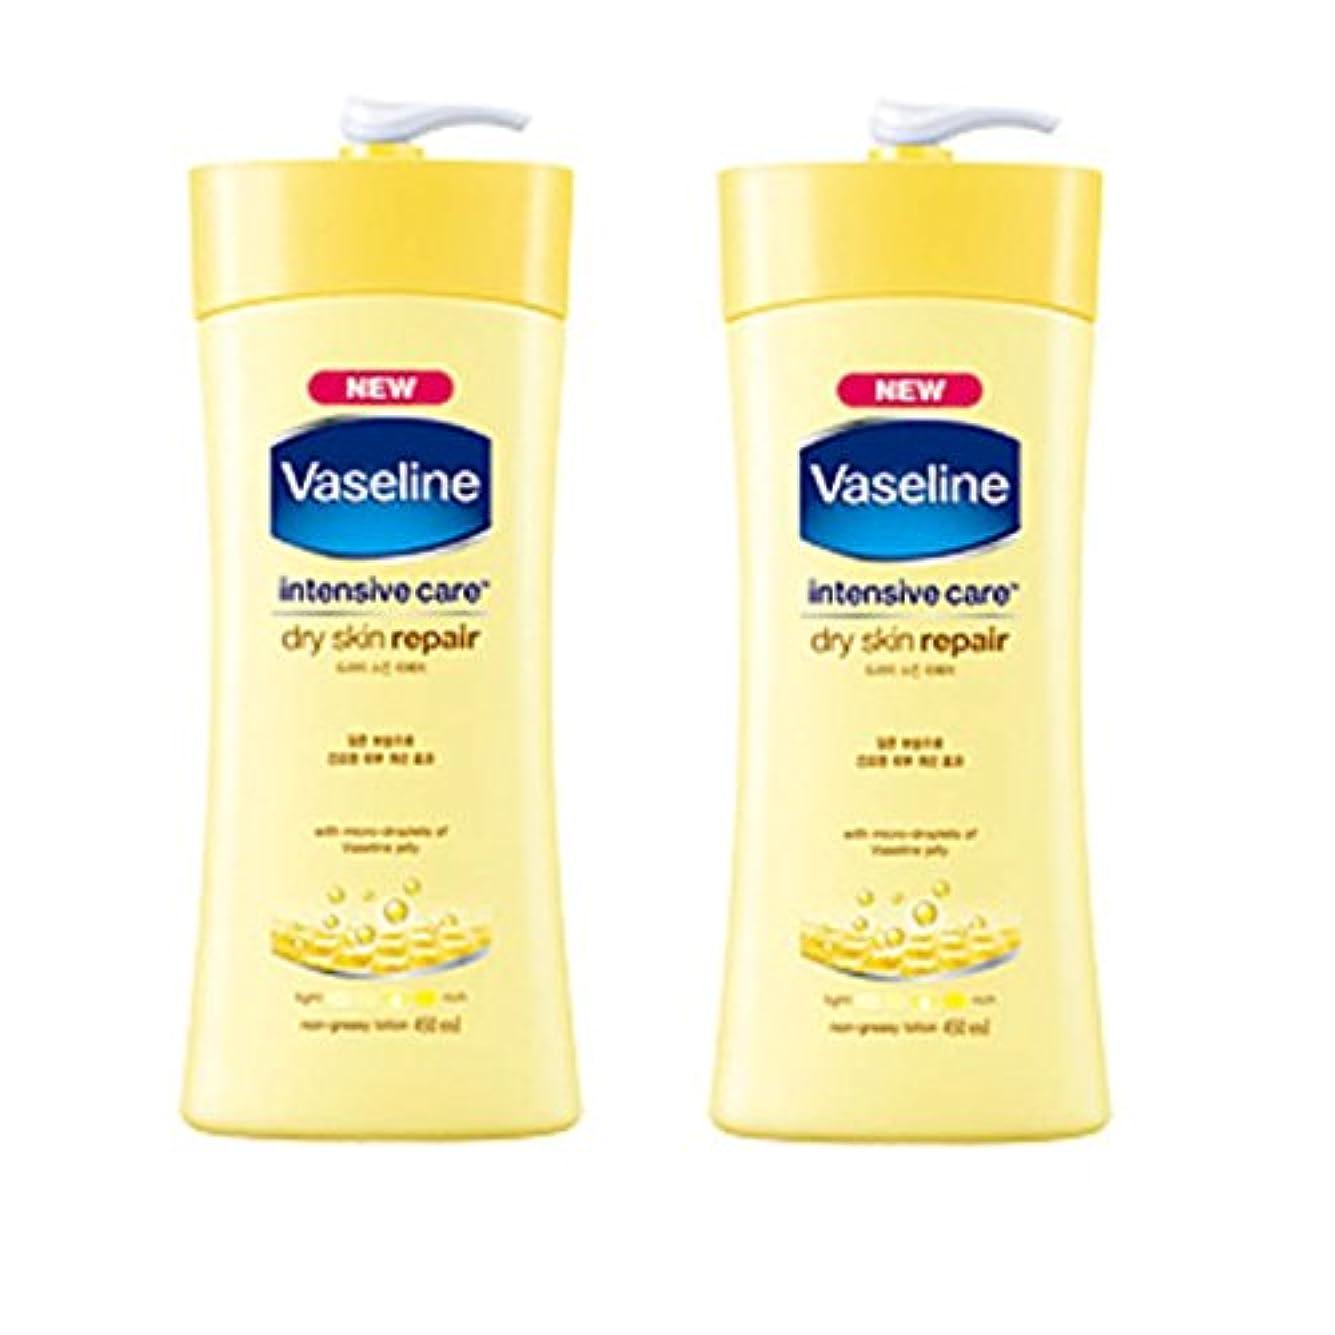 なんとなく組み合わせ顕微鏡ヴァセリン インテンシブケア ドライスキン リペアローション(Vaseline Intensive Care Dry Skin Repair Lotion) 450ml X 2個 [並行輸入品]